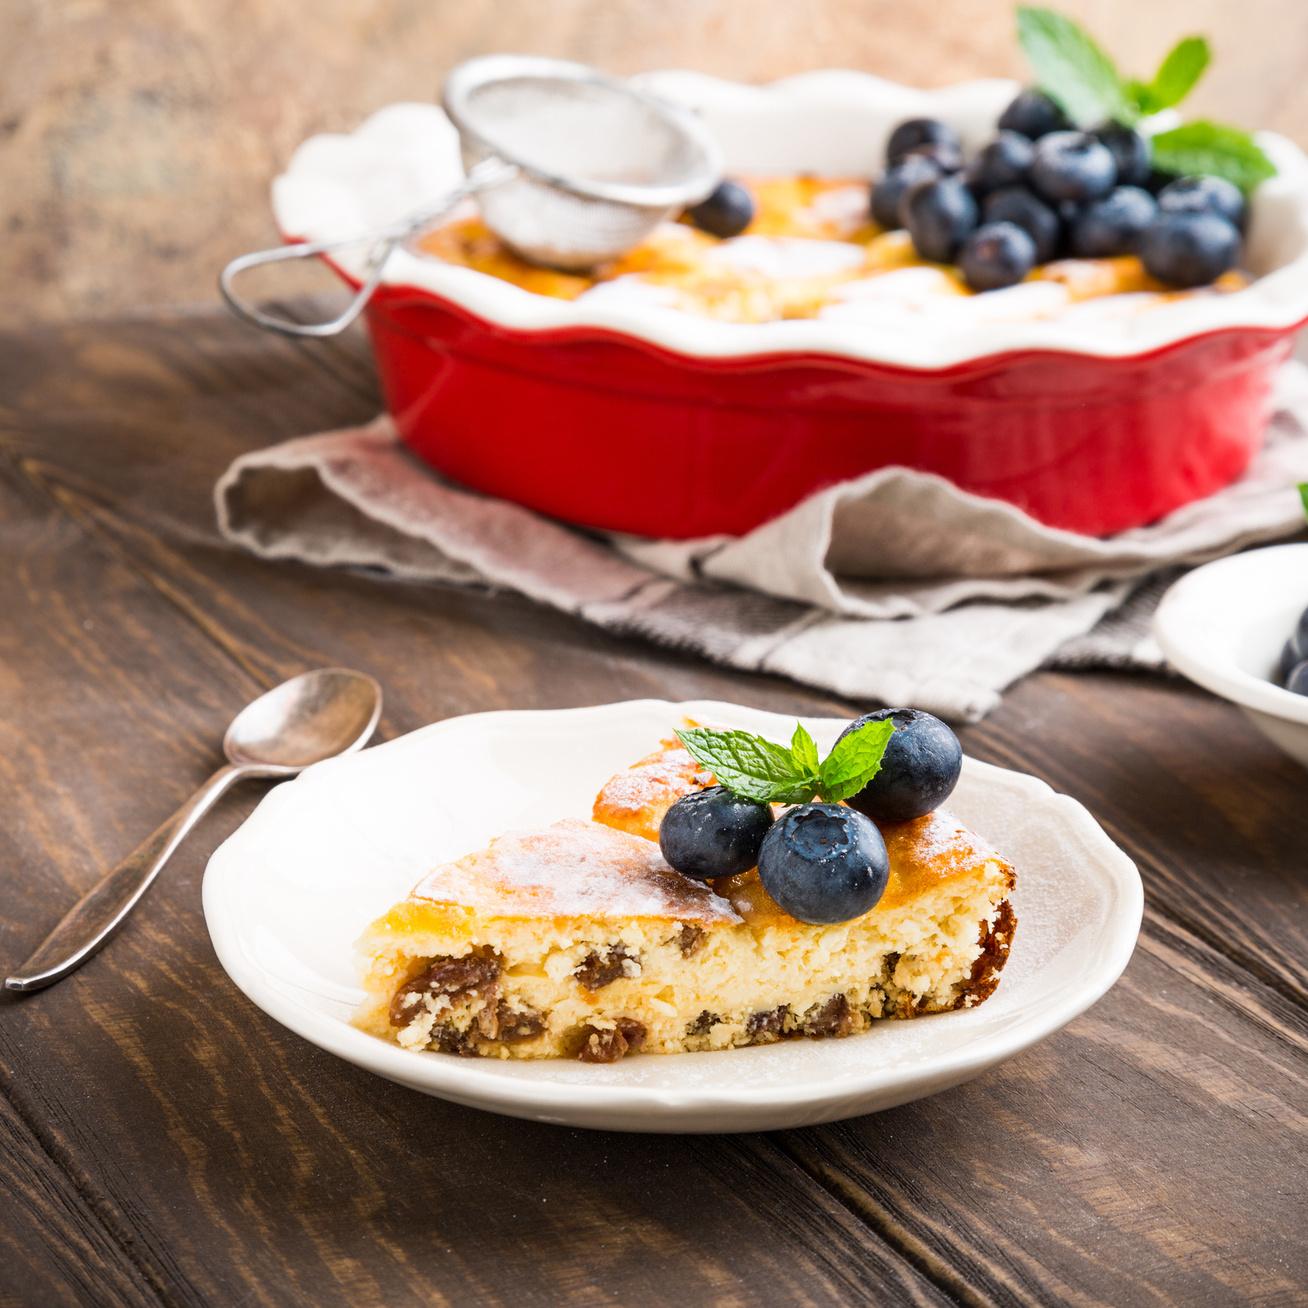 Túrós pite a lehető legegyszerűbben: csak szórd a hozzávalókat a sütőbe